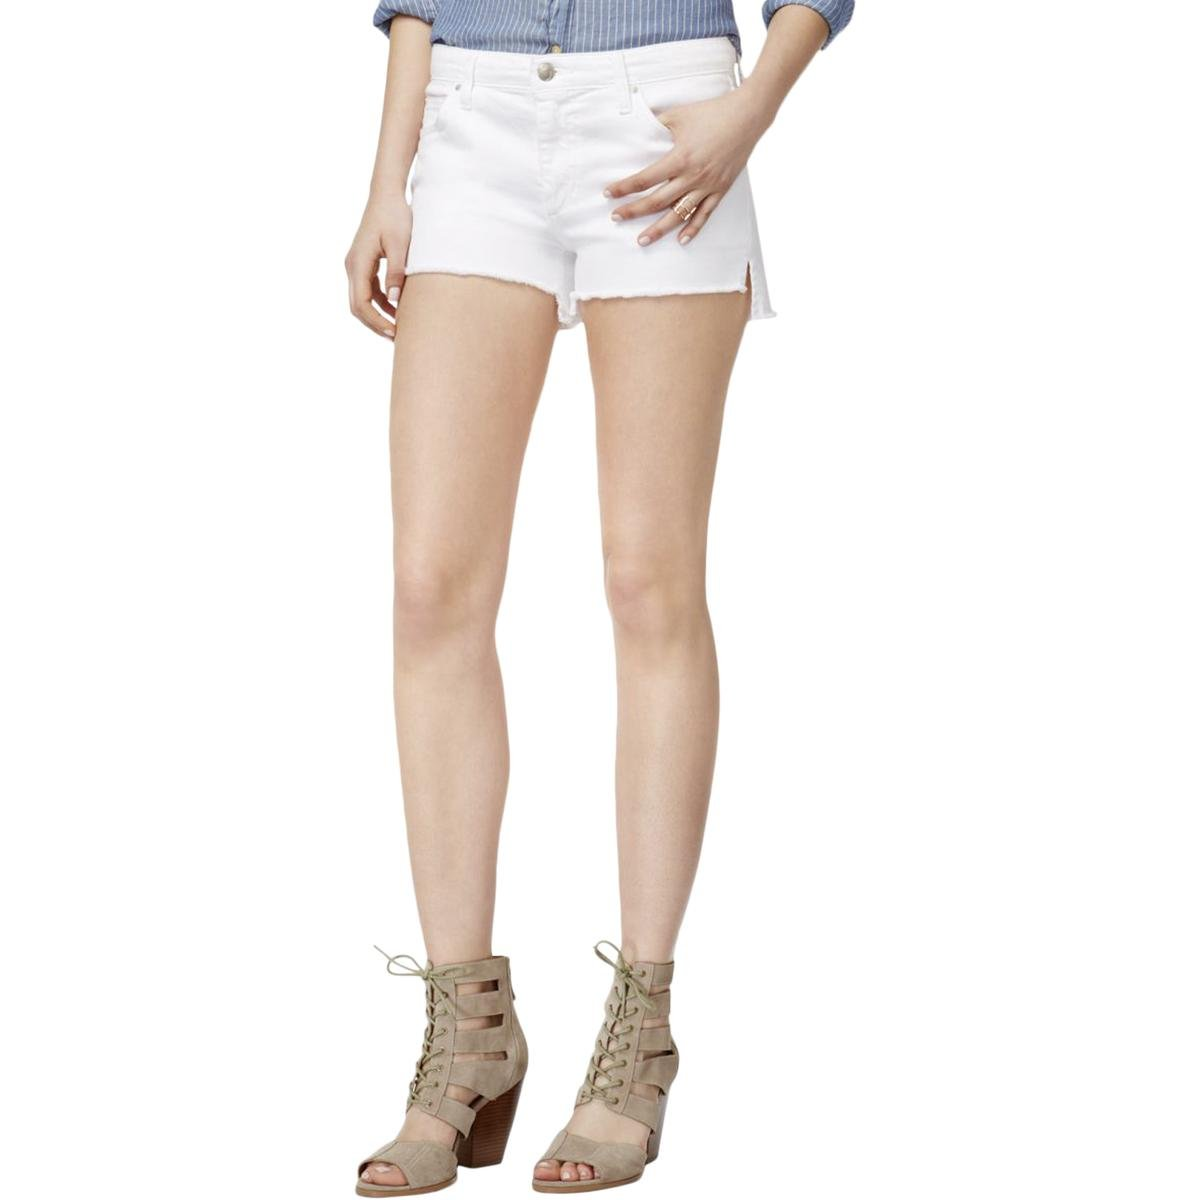 Joe's Jeans Women's High Low Midrise Cut Off Jean Short, Field, 29